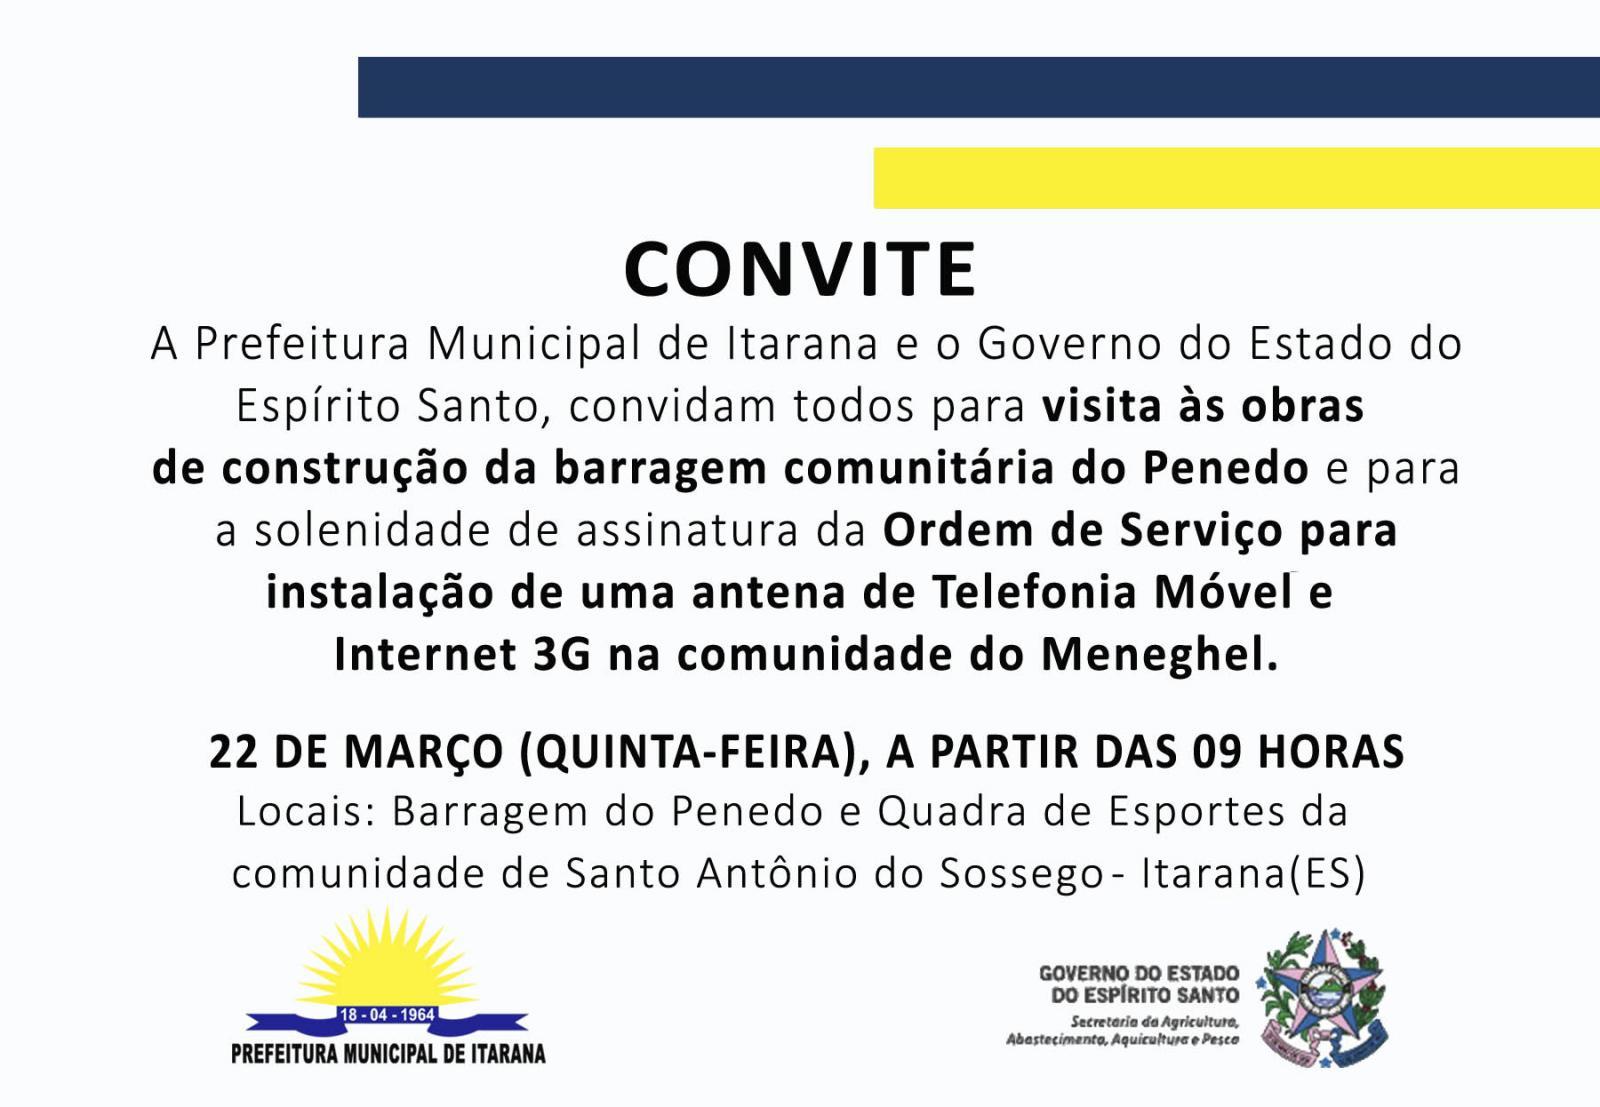 Convite: Ordem de serviço para instalação de antena de telefonia móvel e internet 3G na comunidade do Meneghel